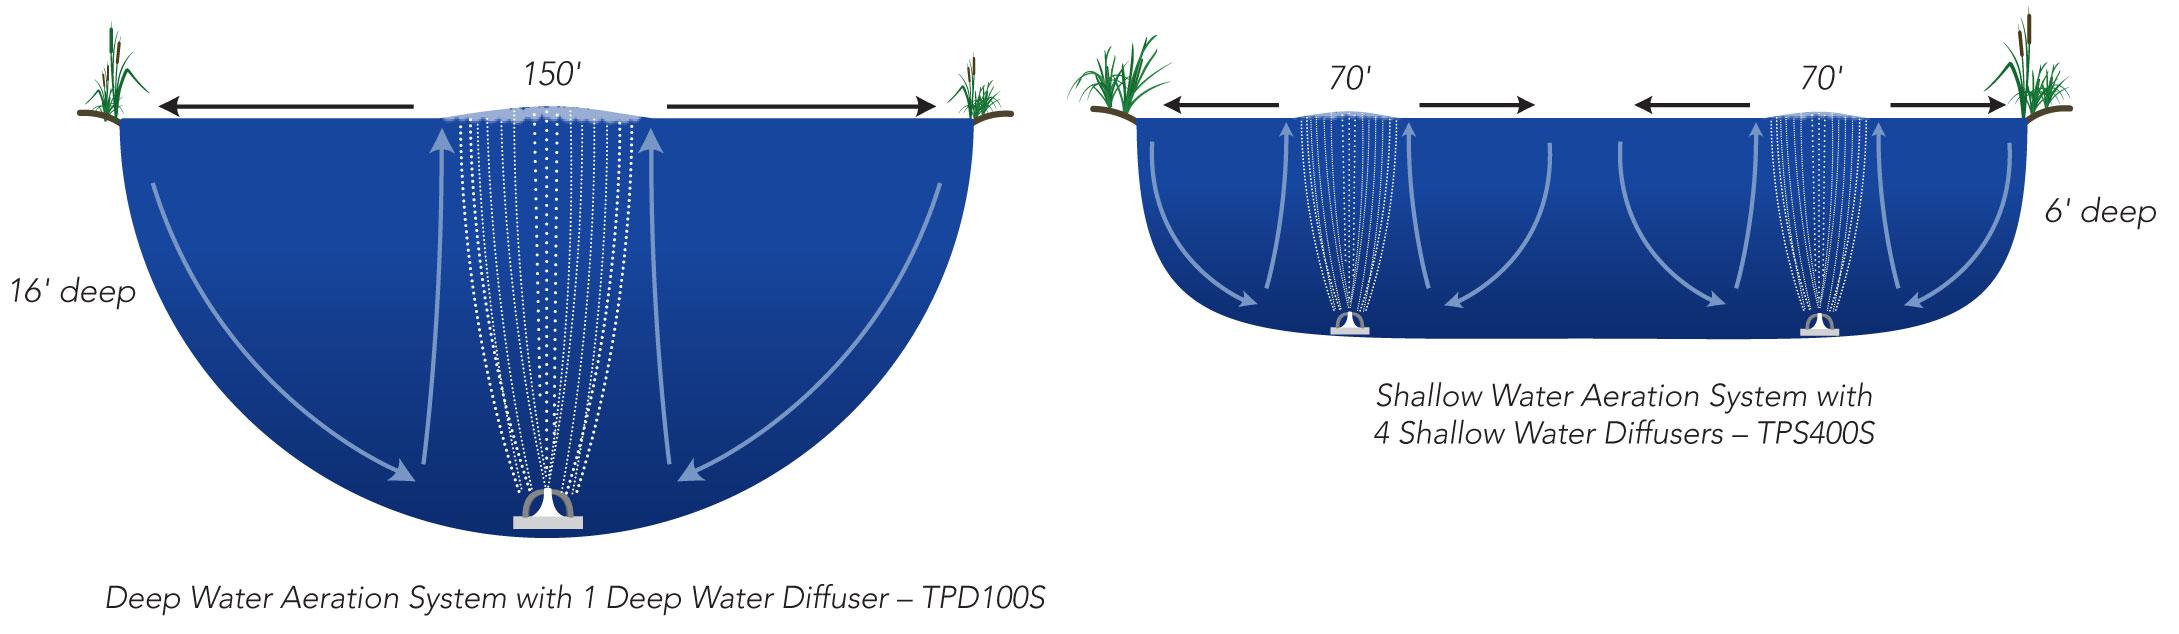 aeration-size-comparison